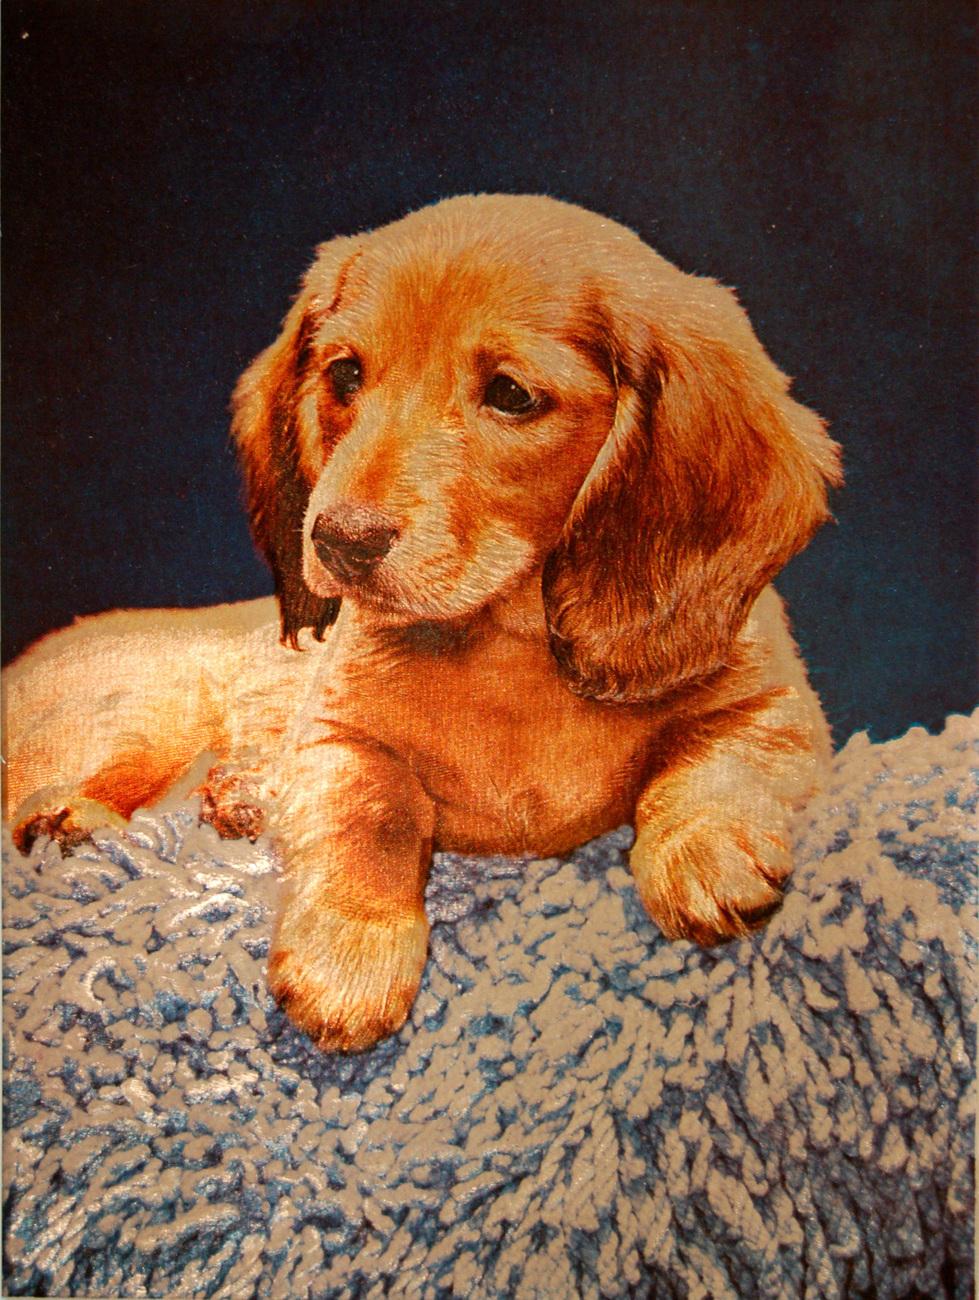 159411 puppy on shag rug